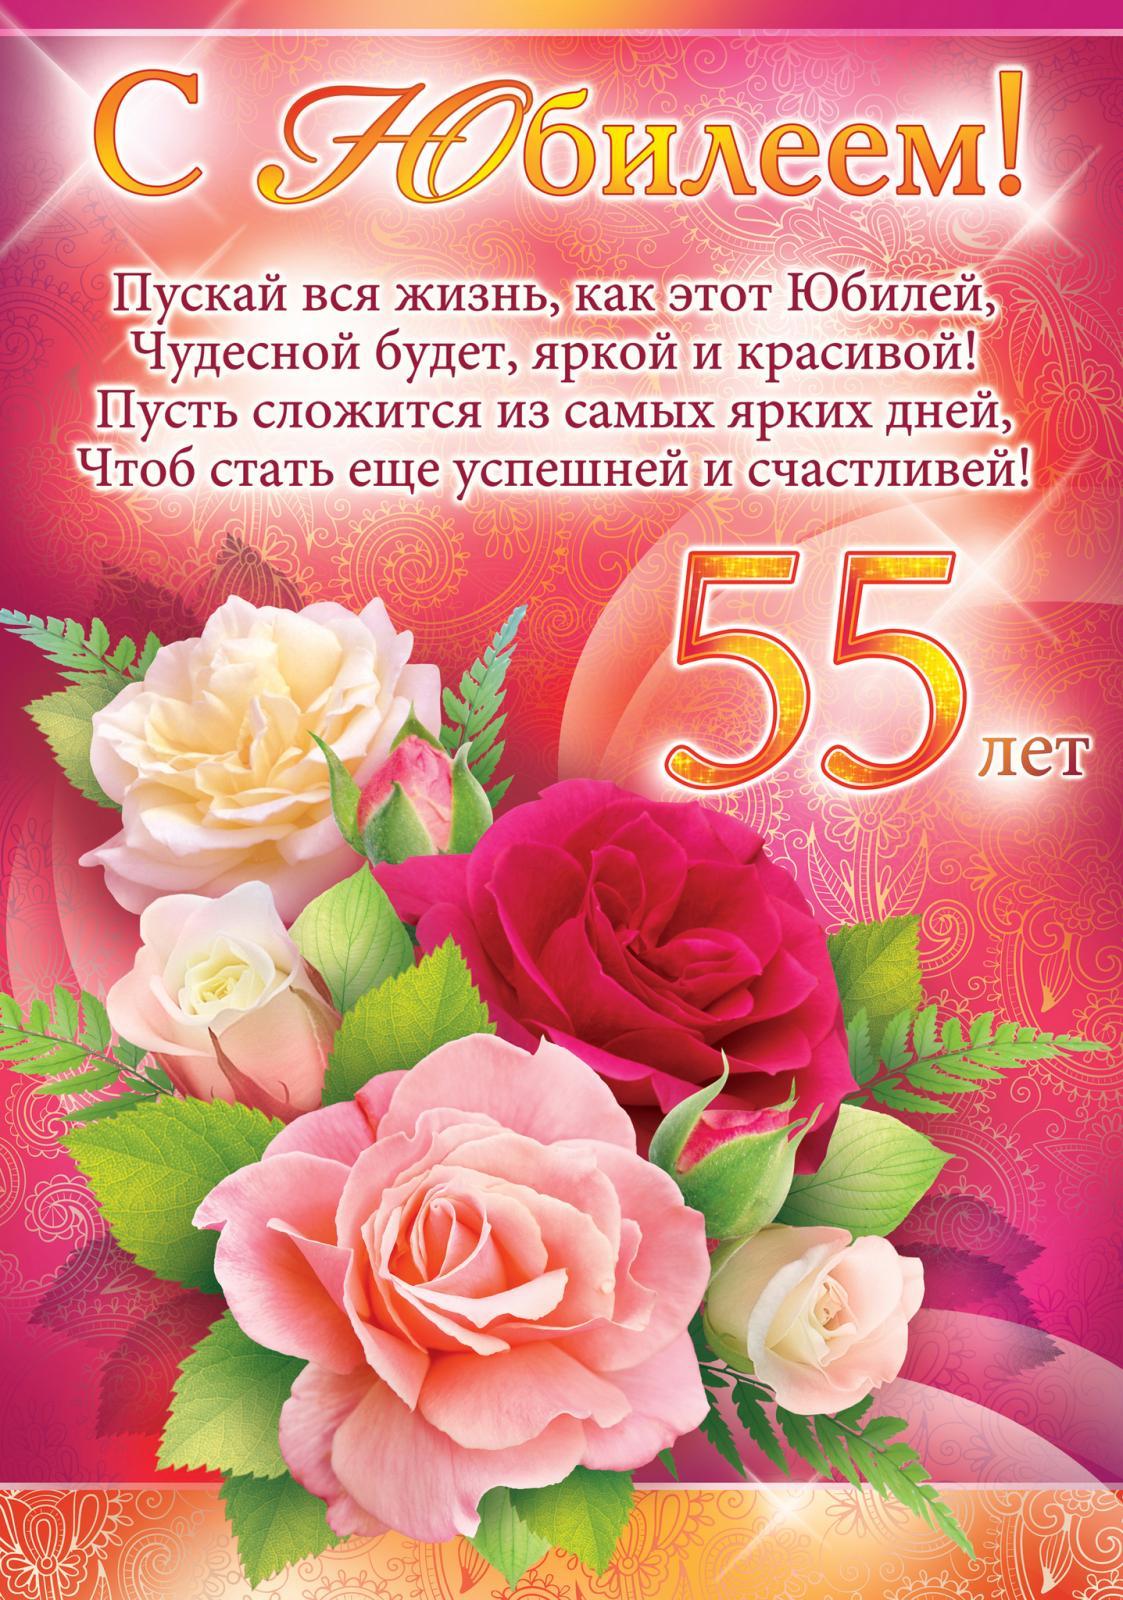 Открытки к юбилею 79 лет, красивые